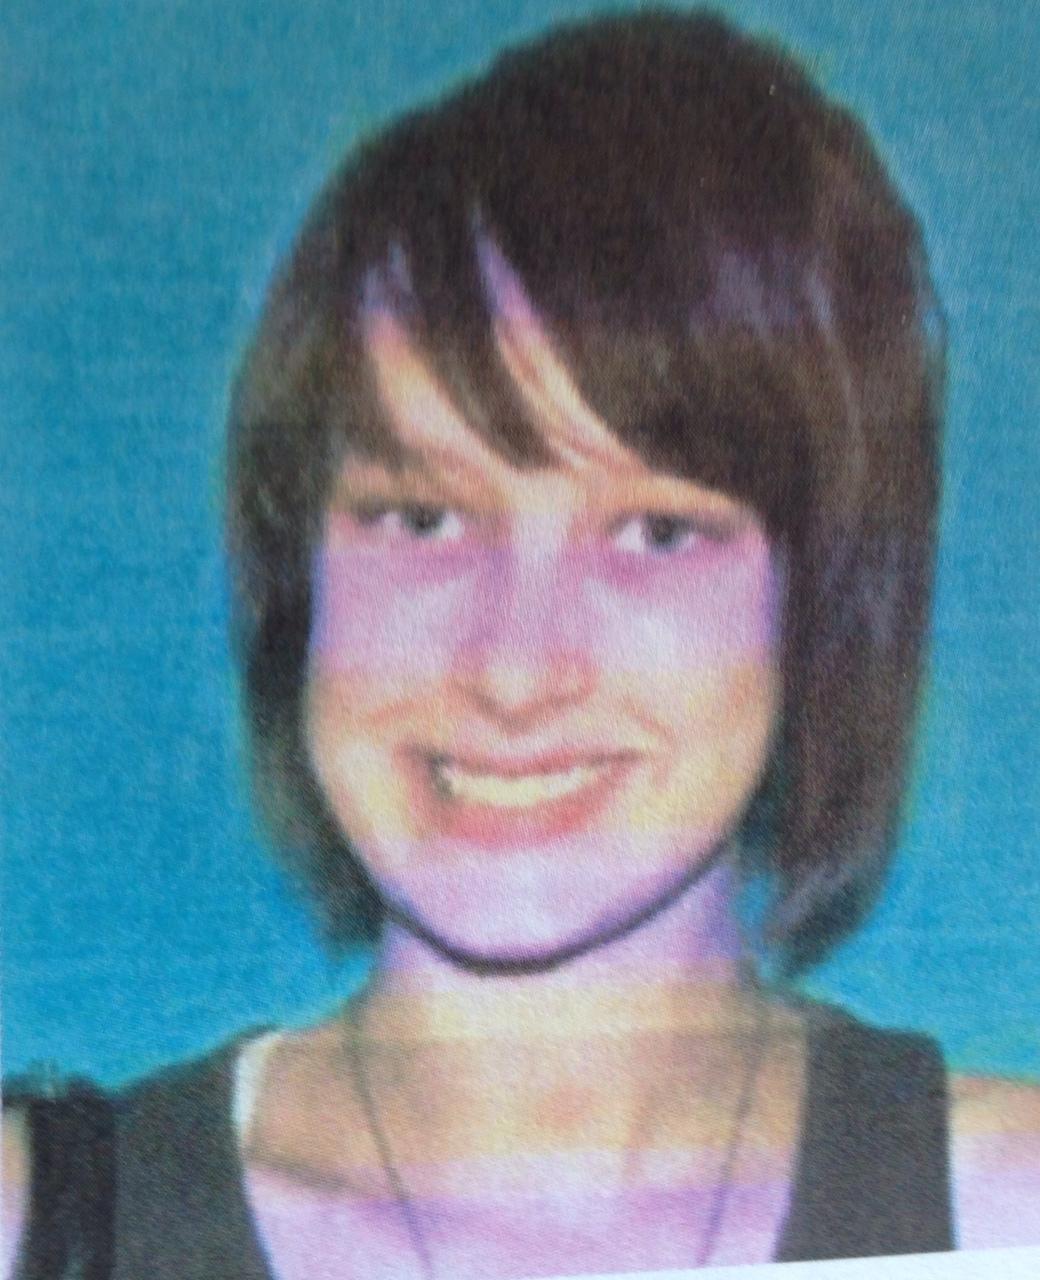 Brooke Slocum, eight-months pregnant murder victim